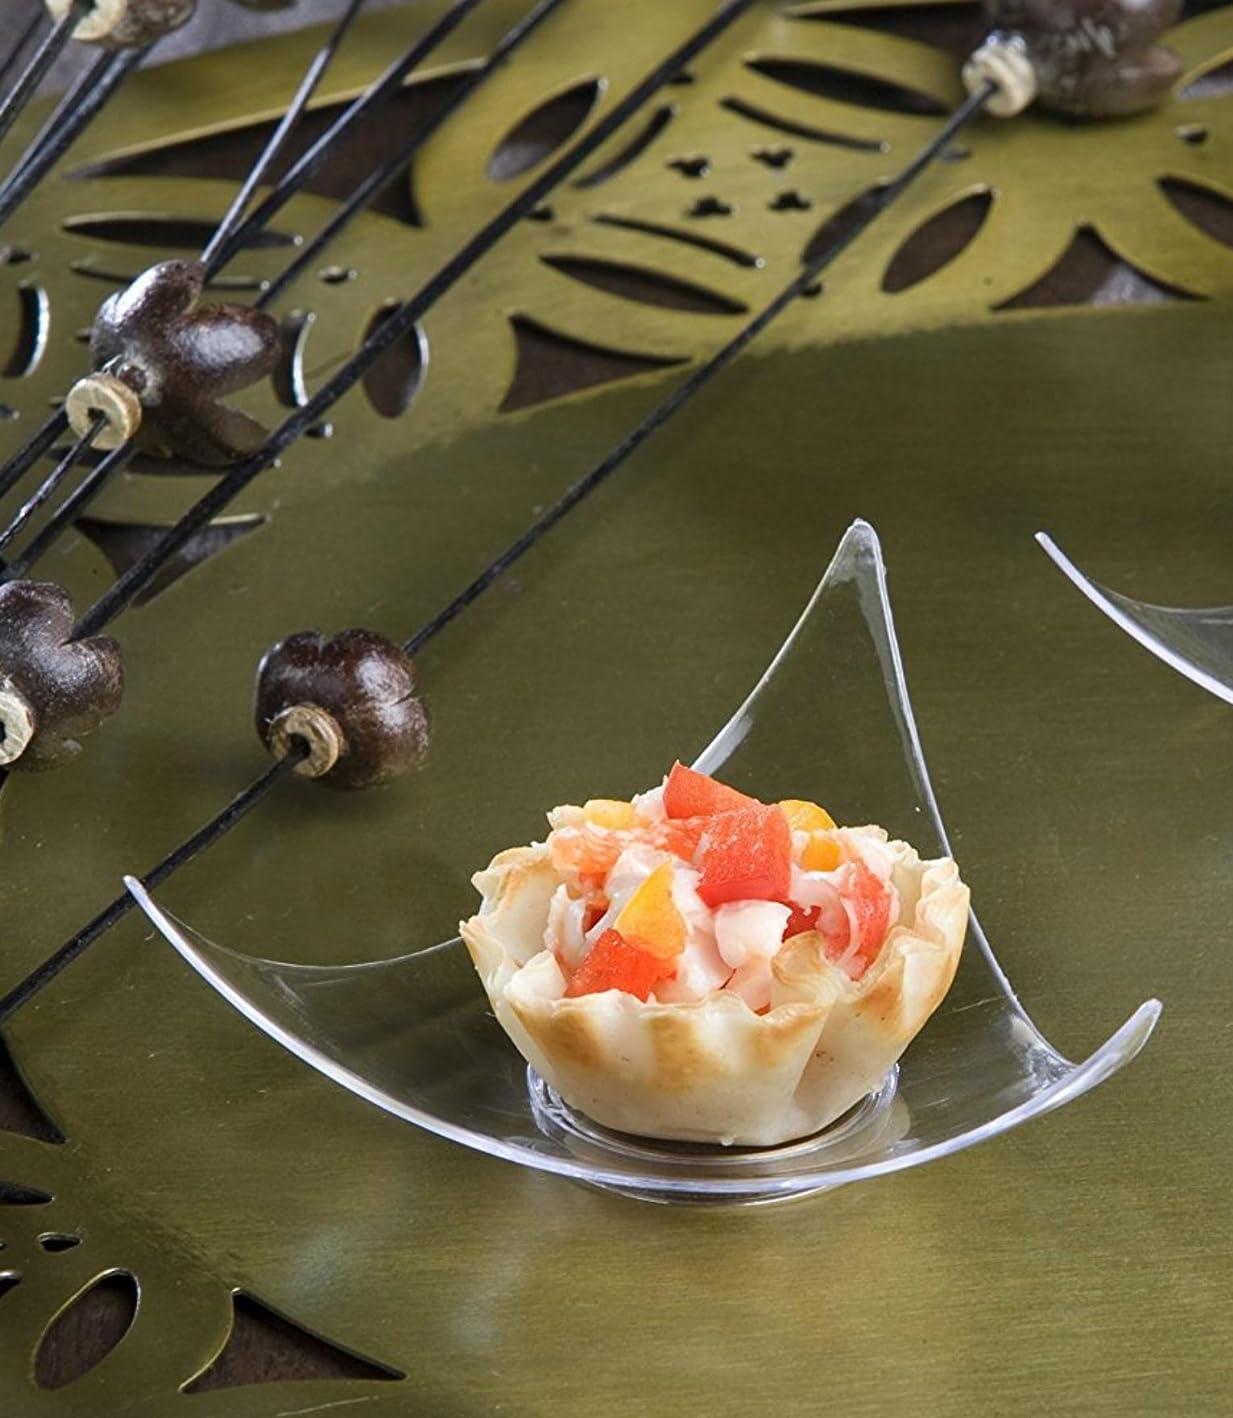 北唯物論スイング100クリアプラスチックMini Triangle Dessert Plates 100?Shooting Star Mini AppetizerプレートSmallカクテルパーティー寿司プレートPie Tastingプレートサンプルプレート